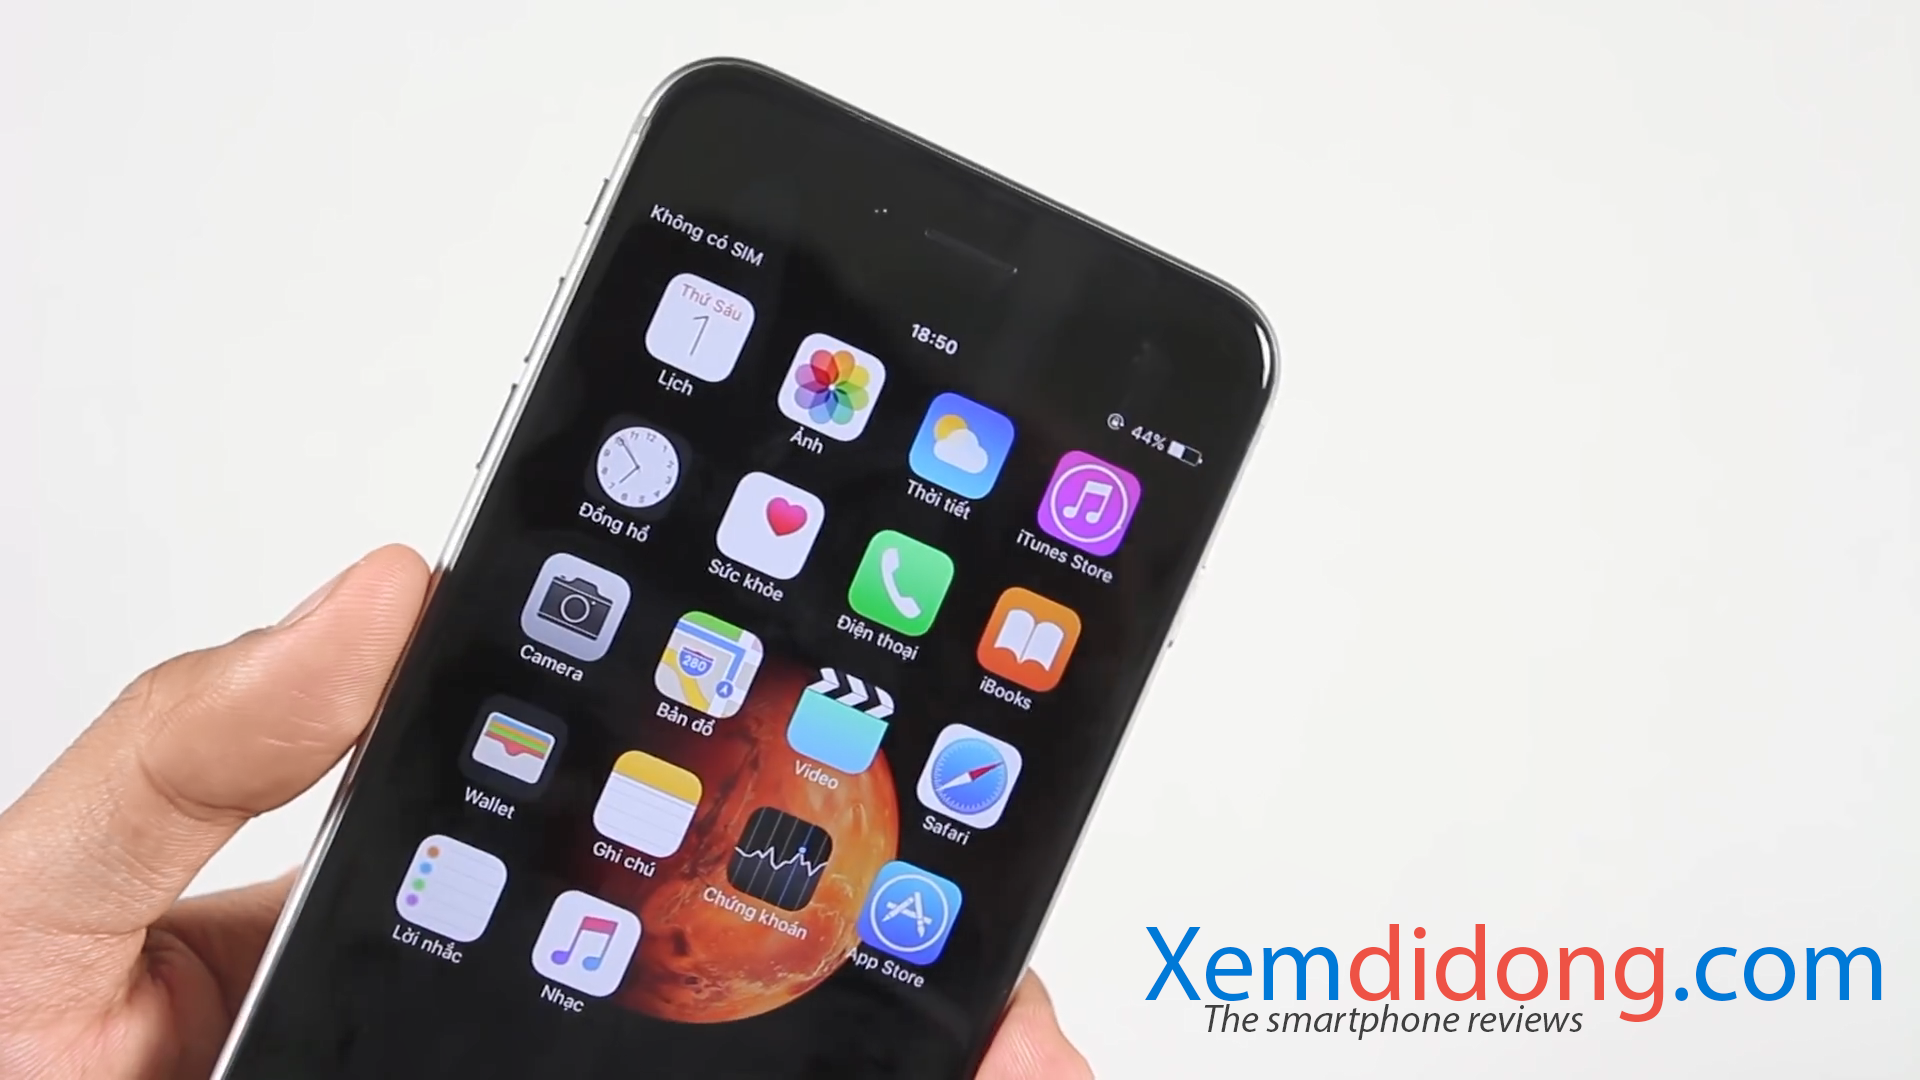 Đánh giá chi tiết iPhone 6s Plus - Ảnh 5